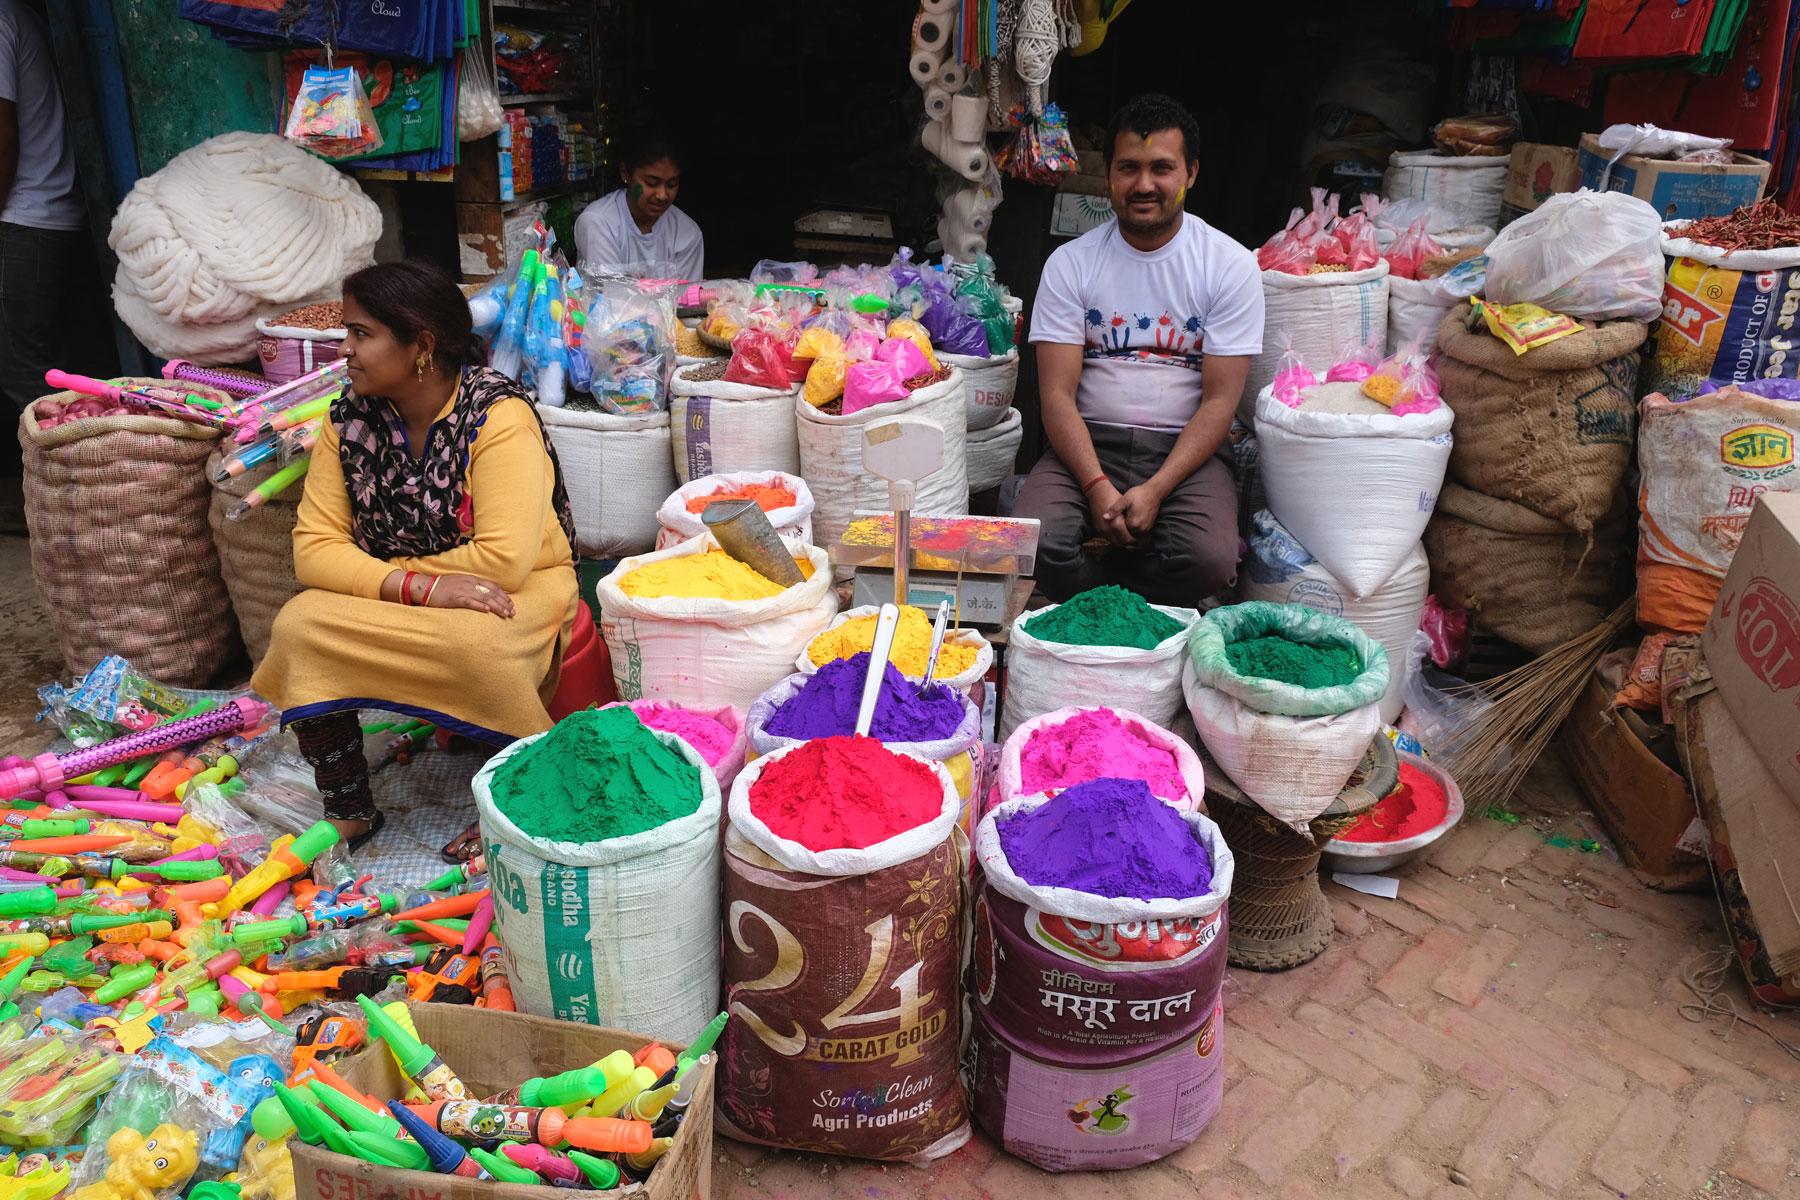 Zwei Verkäufer in Tansen mit Säcken voll buntem Farbpulver für das Holi-Fest.